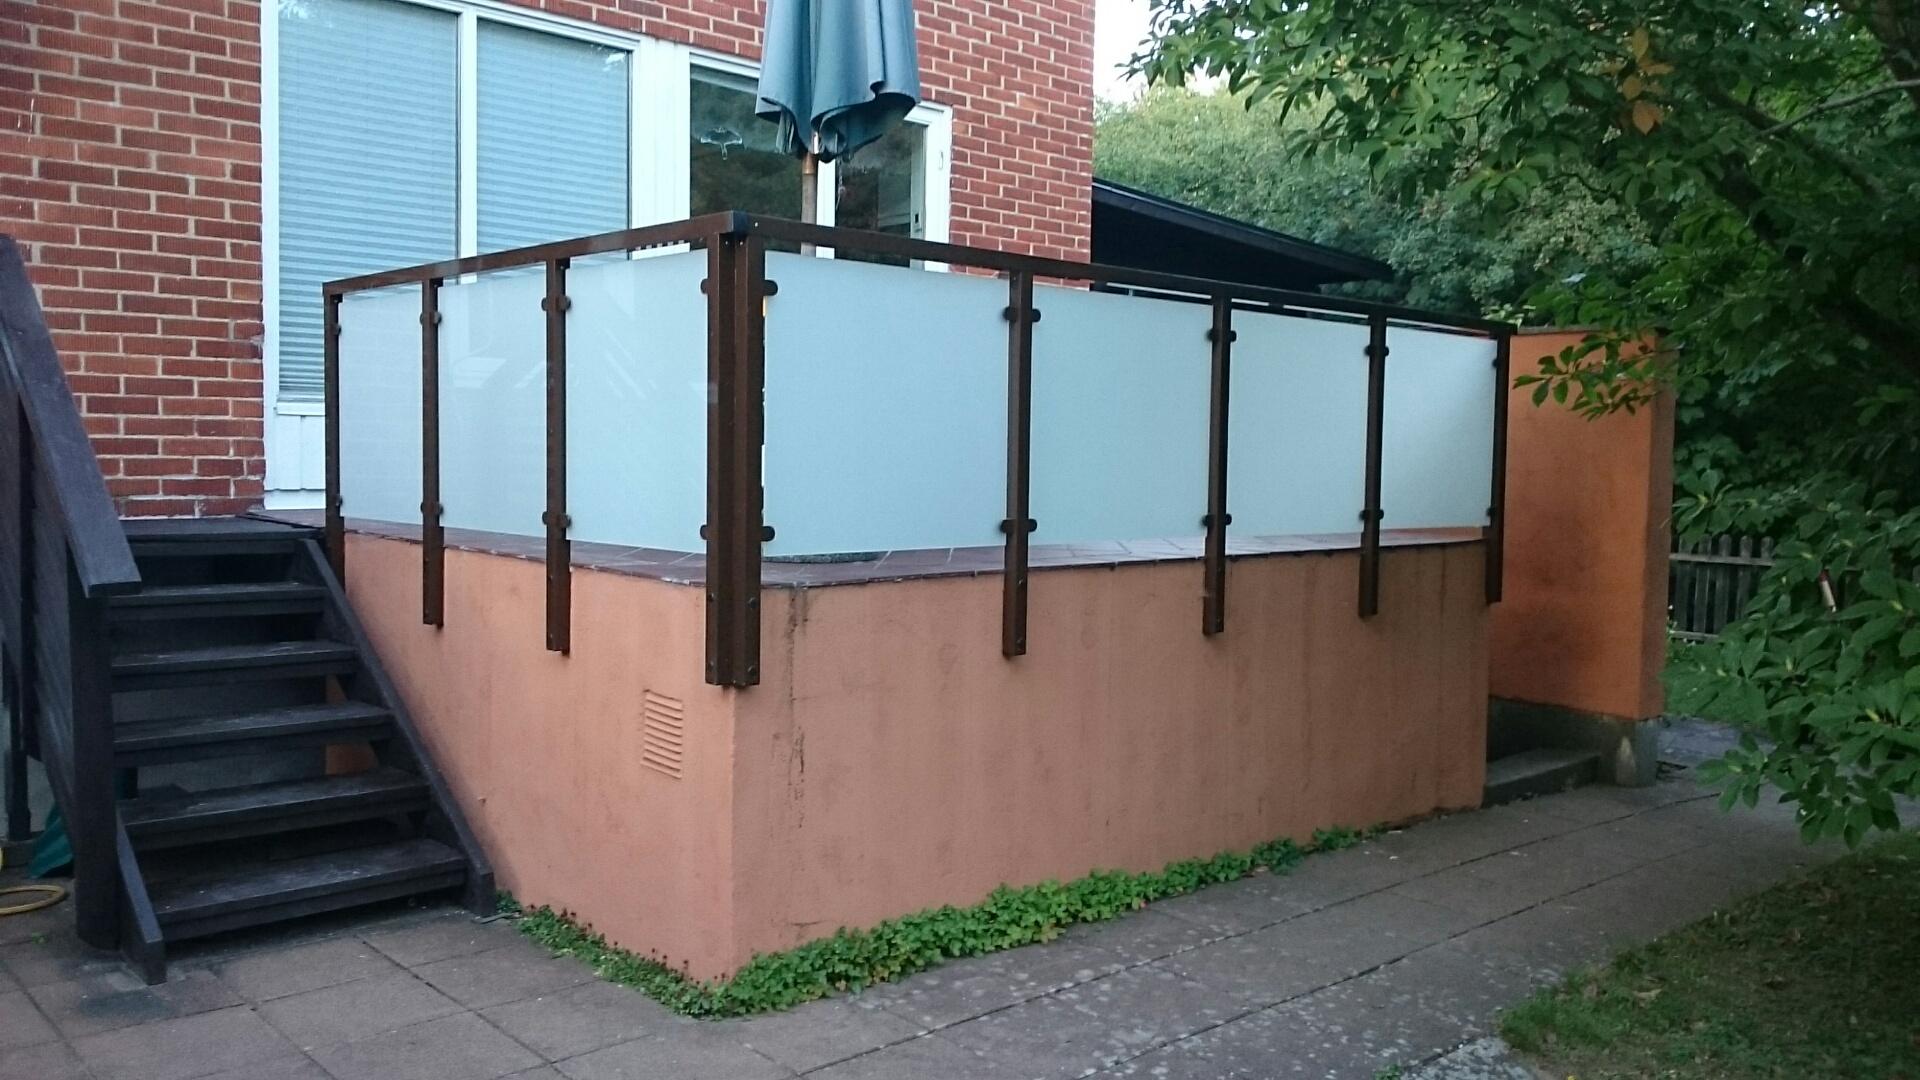 Brise vue verre depoli beautiful pare vent en verre sur terrasse en bois exotique en bord de - Acide oxalique bois exotique ...